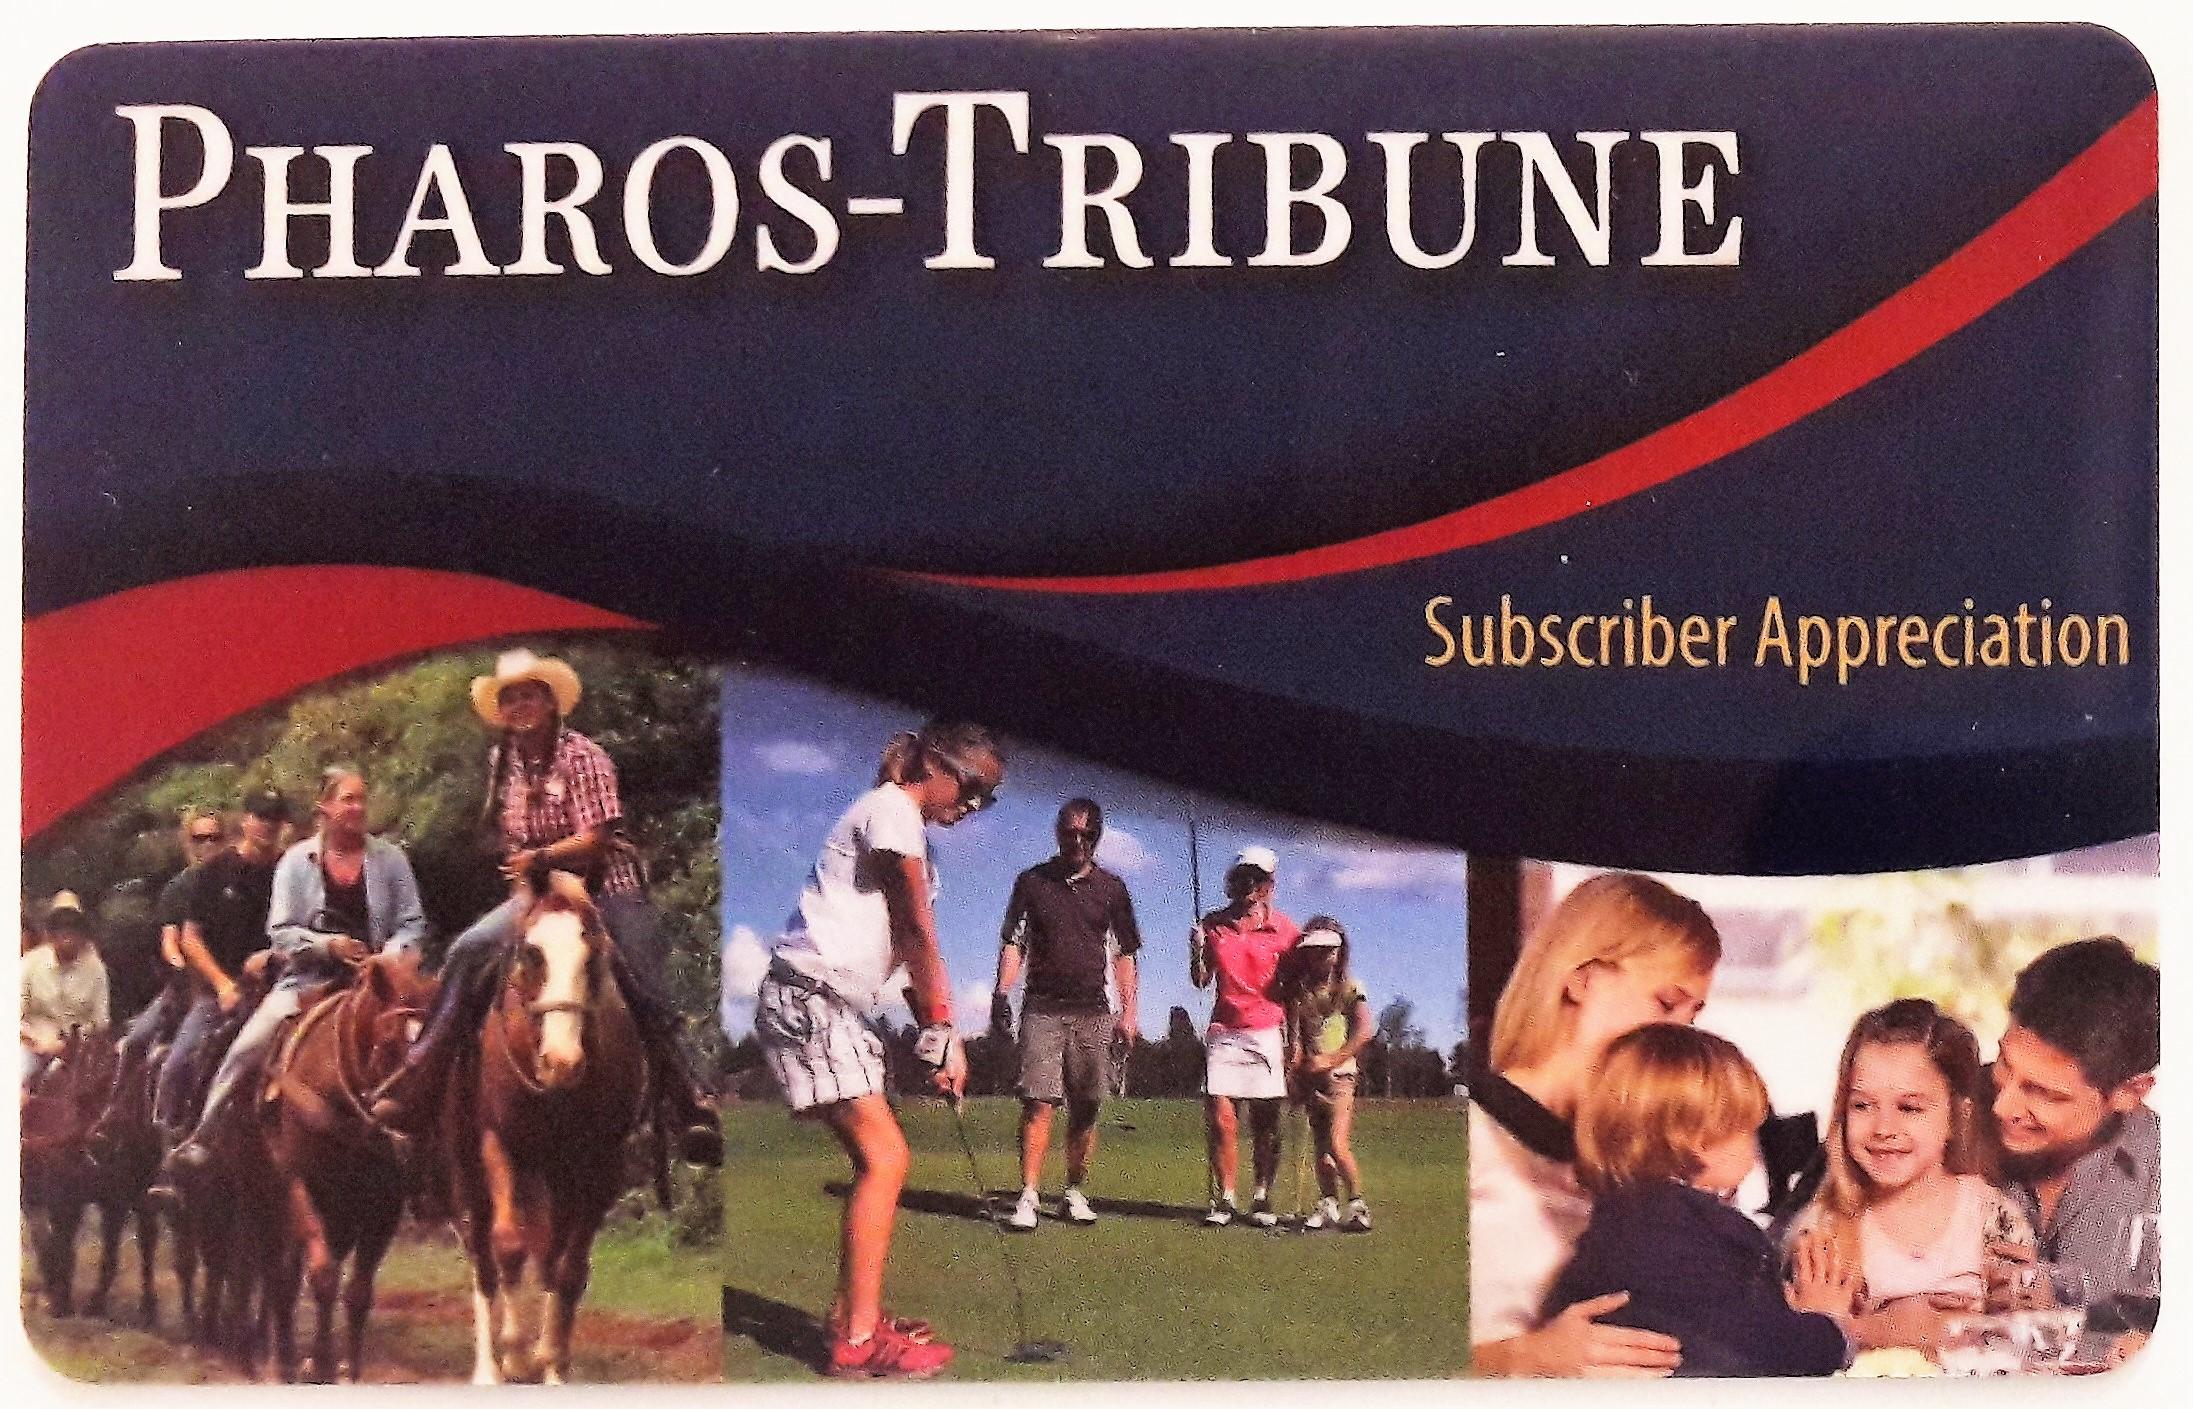 customer retention newspaper Pharos Tribune